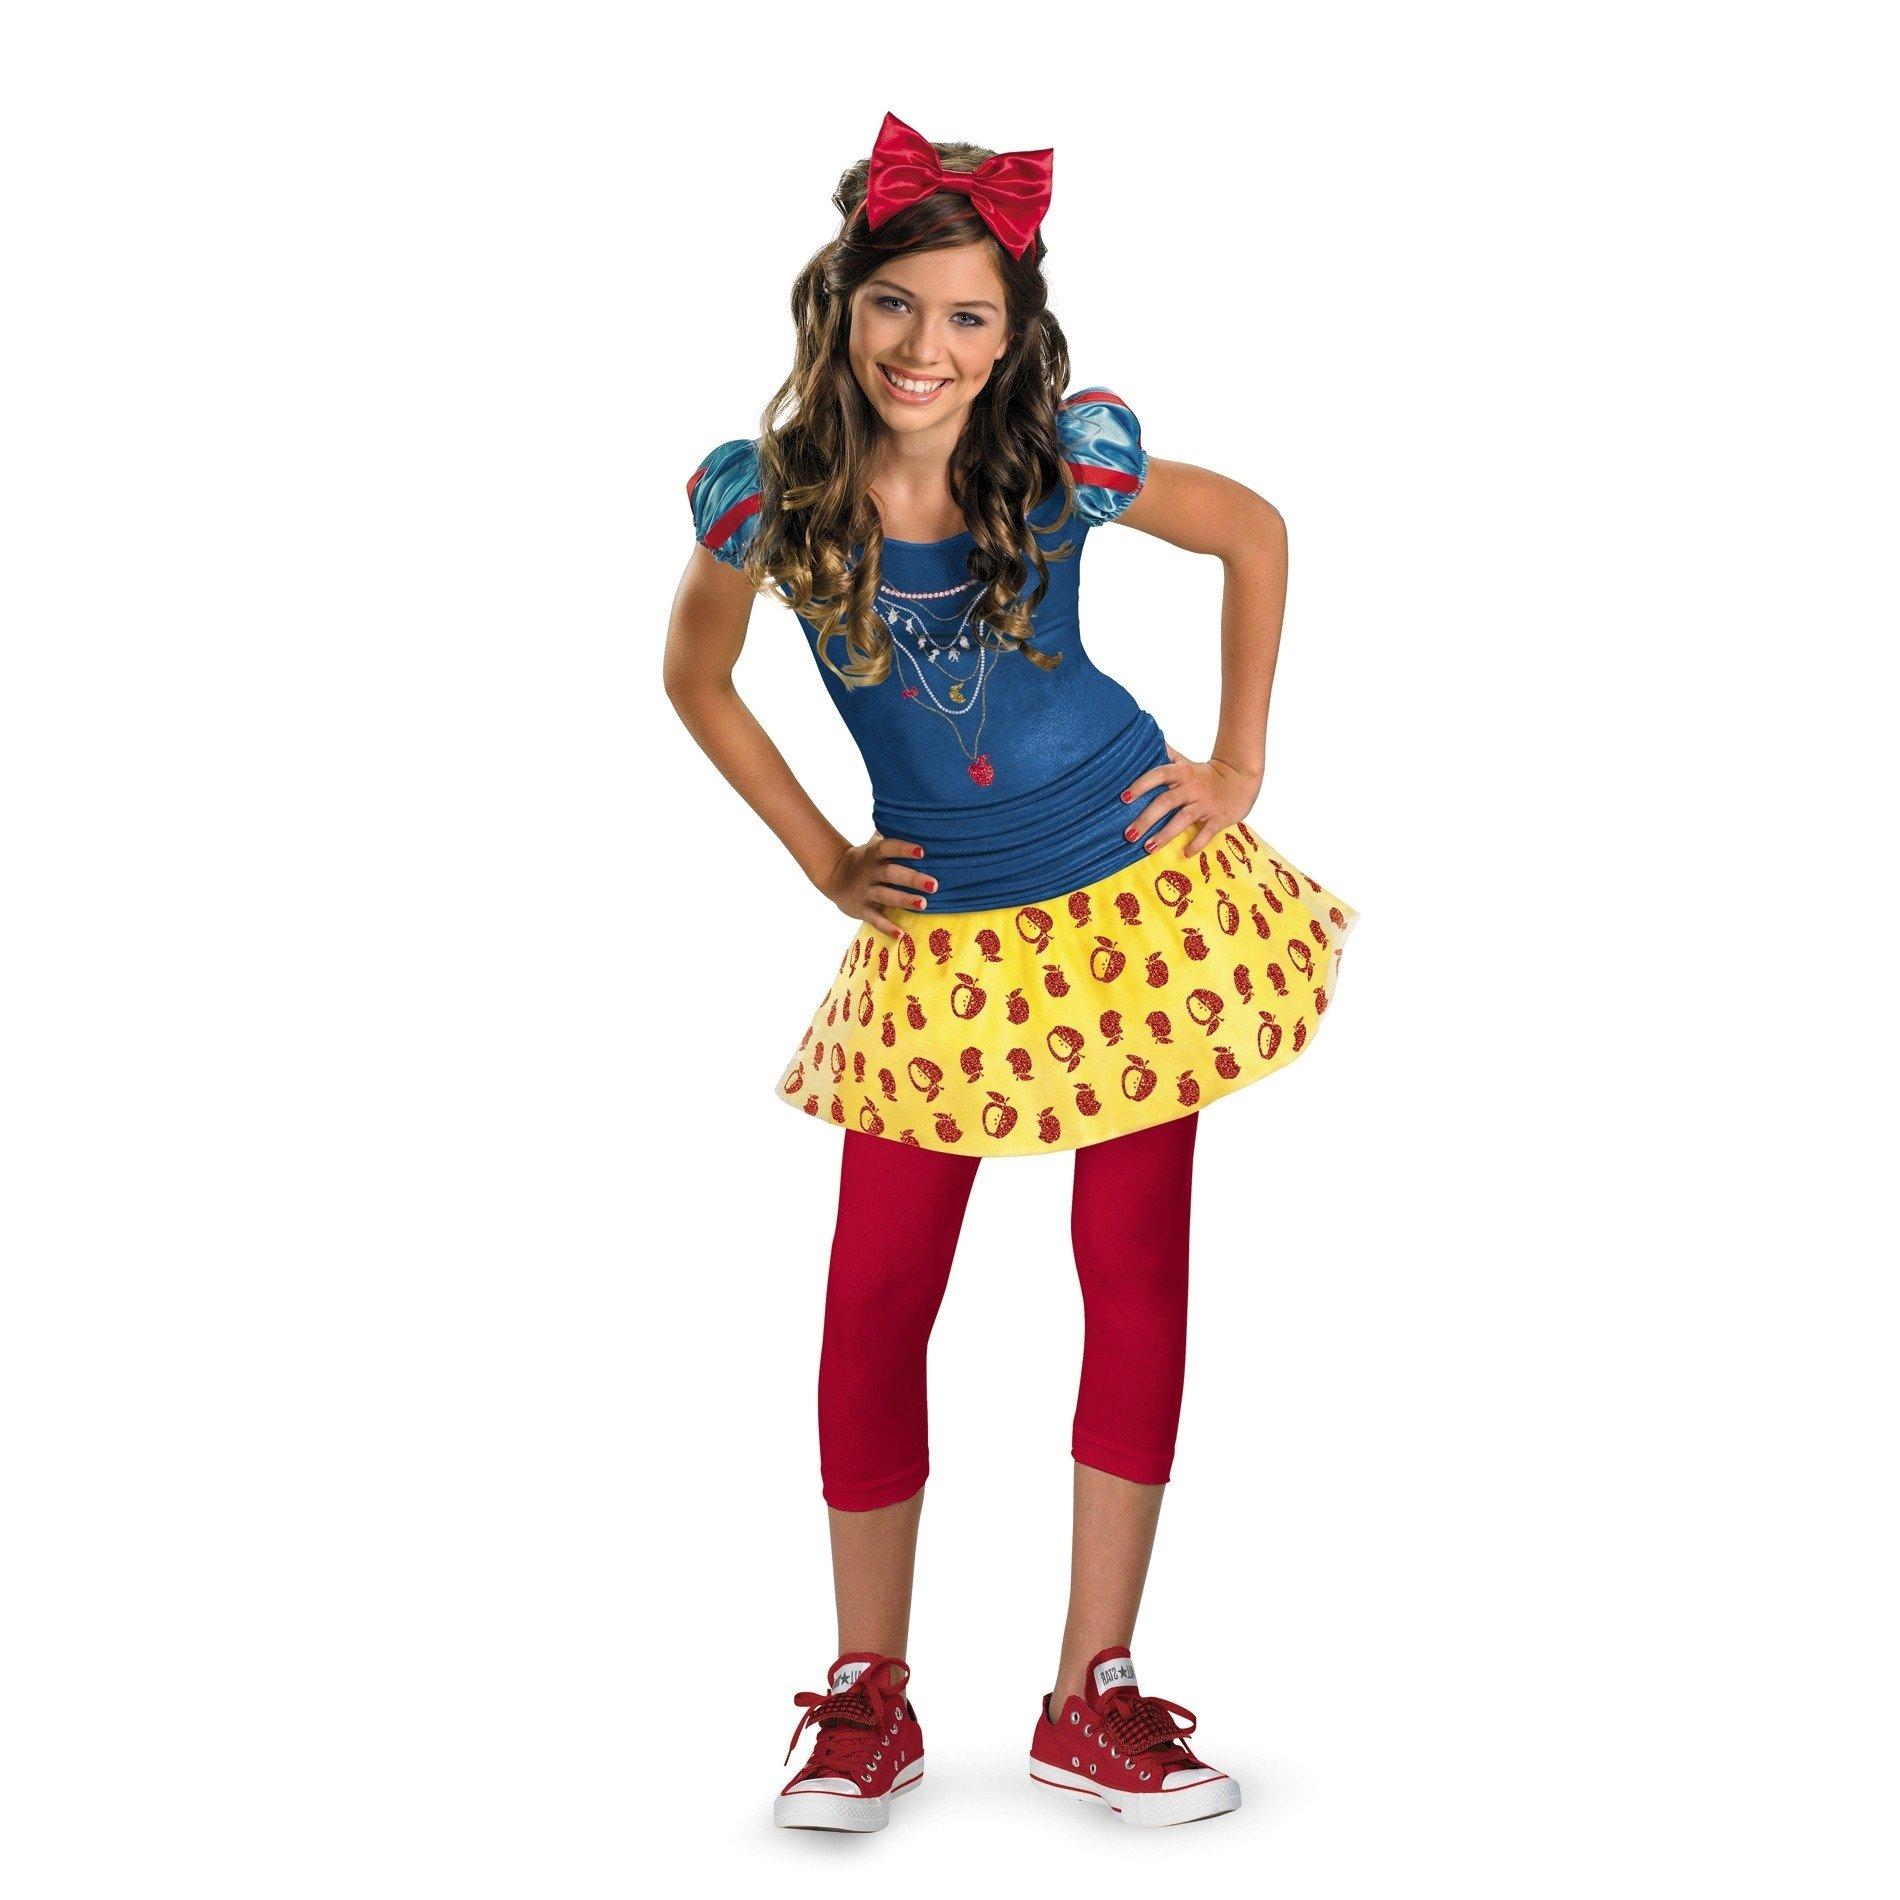 10 Pretty Unique Female Halloween Costume Ideas 59 ideas for halloween costumes for tweens halloween costumes for 2020